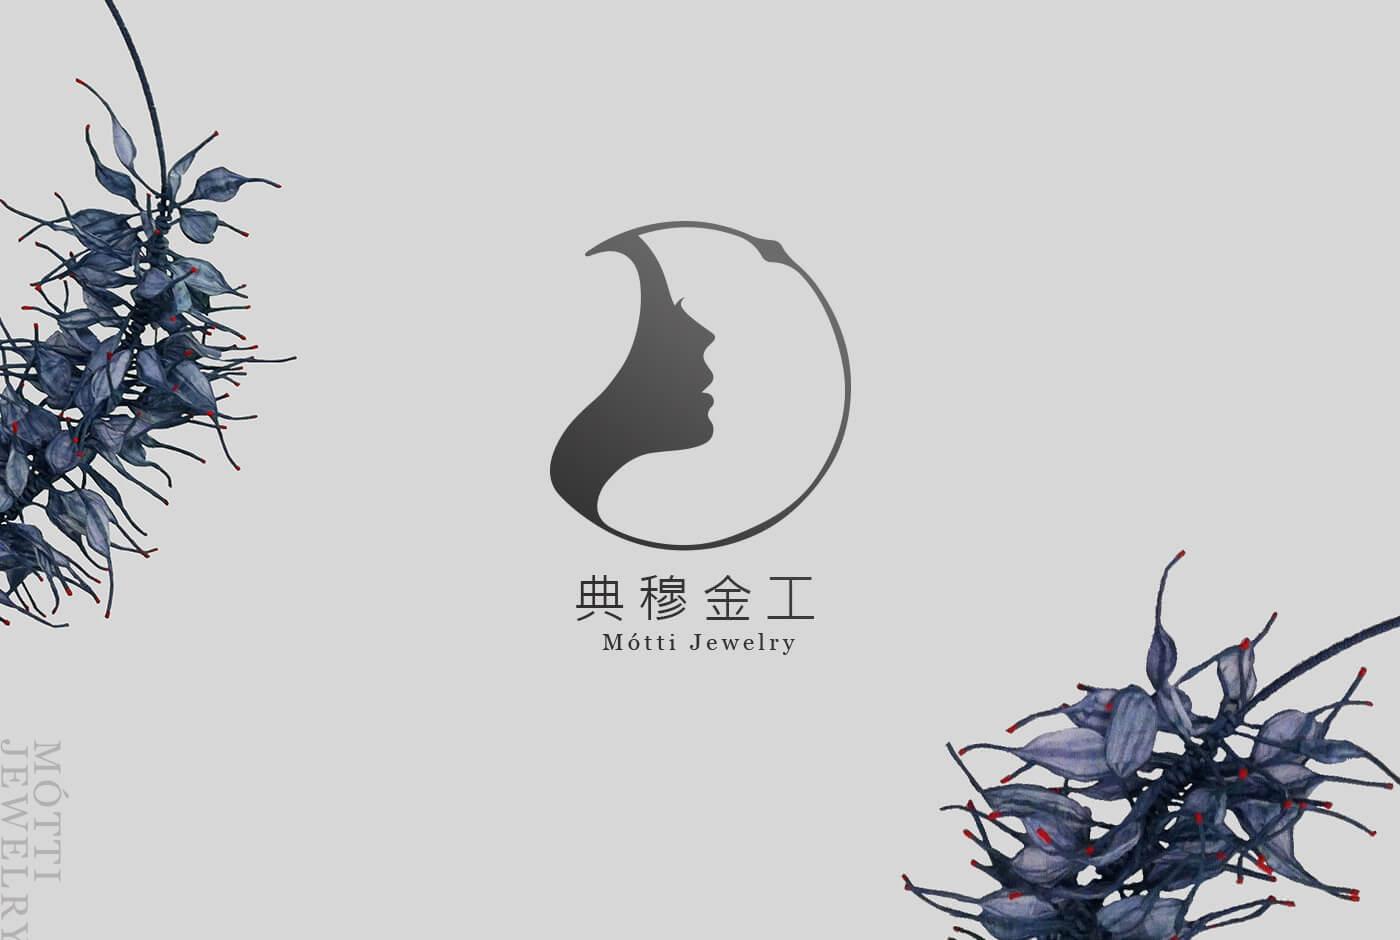 極具時尚美感的創意個人名片-博凱PK設計作品